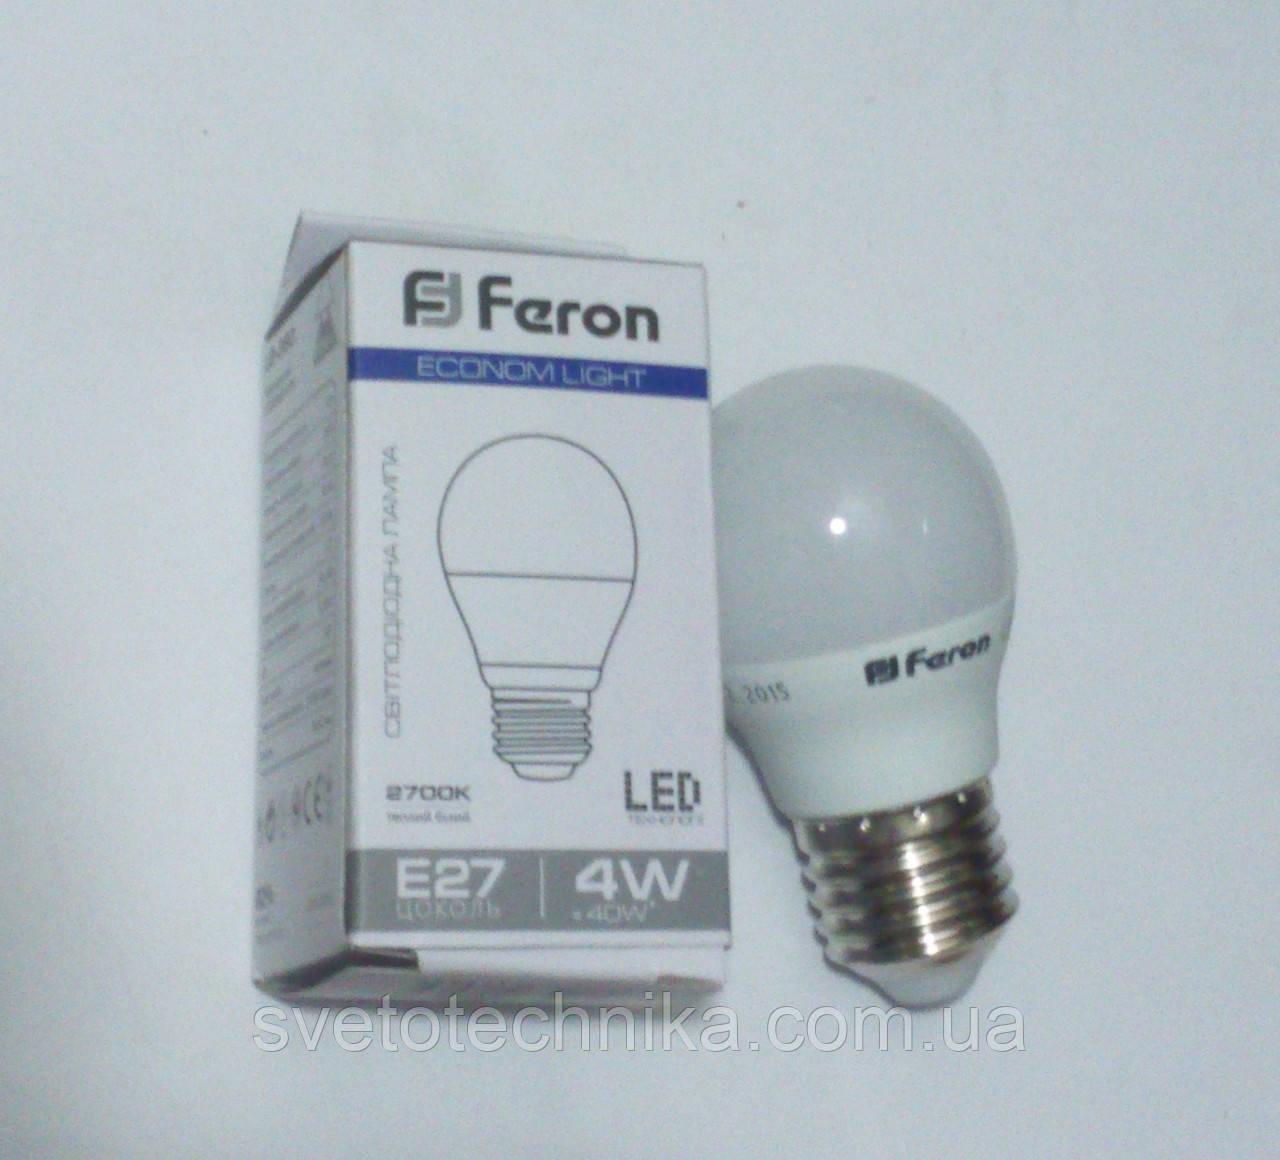 Светодиодная лампа Feron LB380 E27 4W  4000К